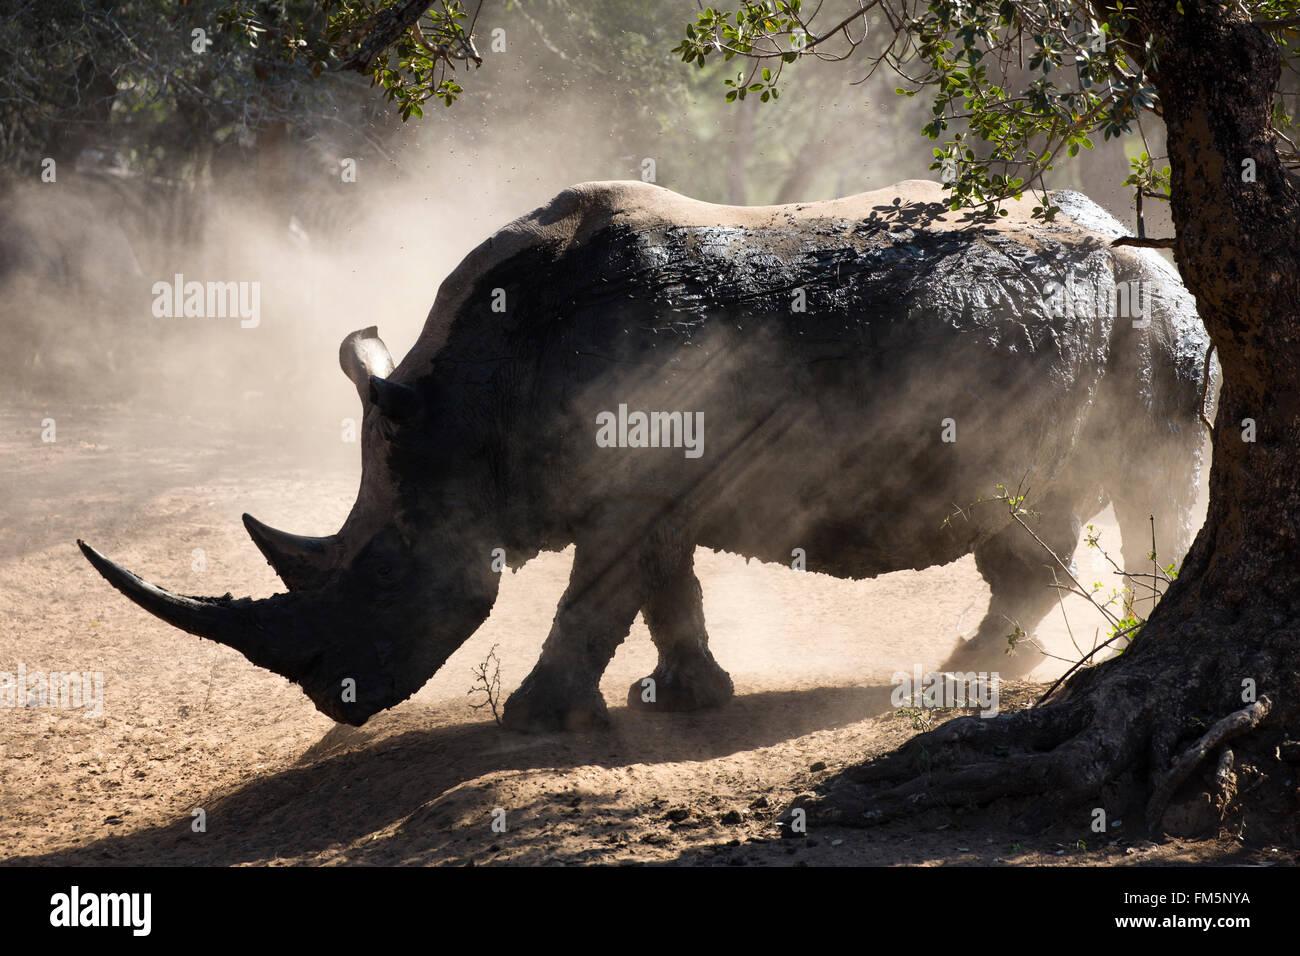 White Rhino Bull (Ceratotherium Simum), Hintergrundbeleuchtung mit Staub, KwaZulu-Natal, Südafrika Stockbild